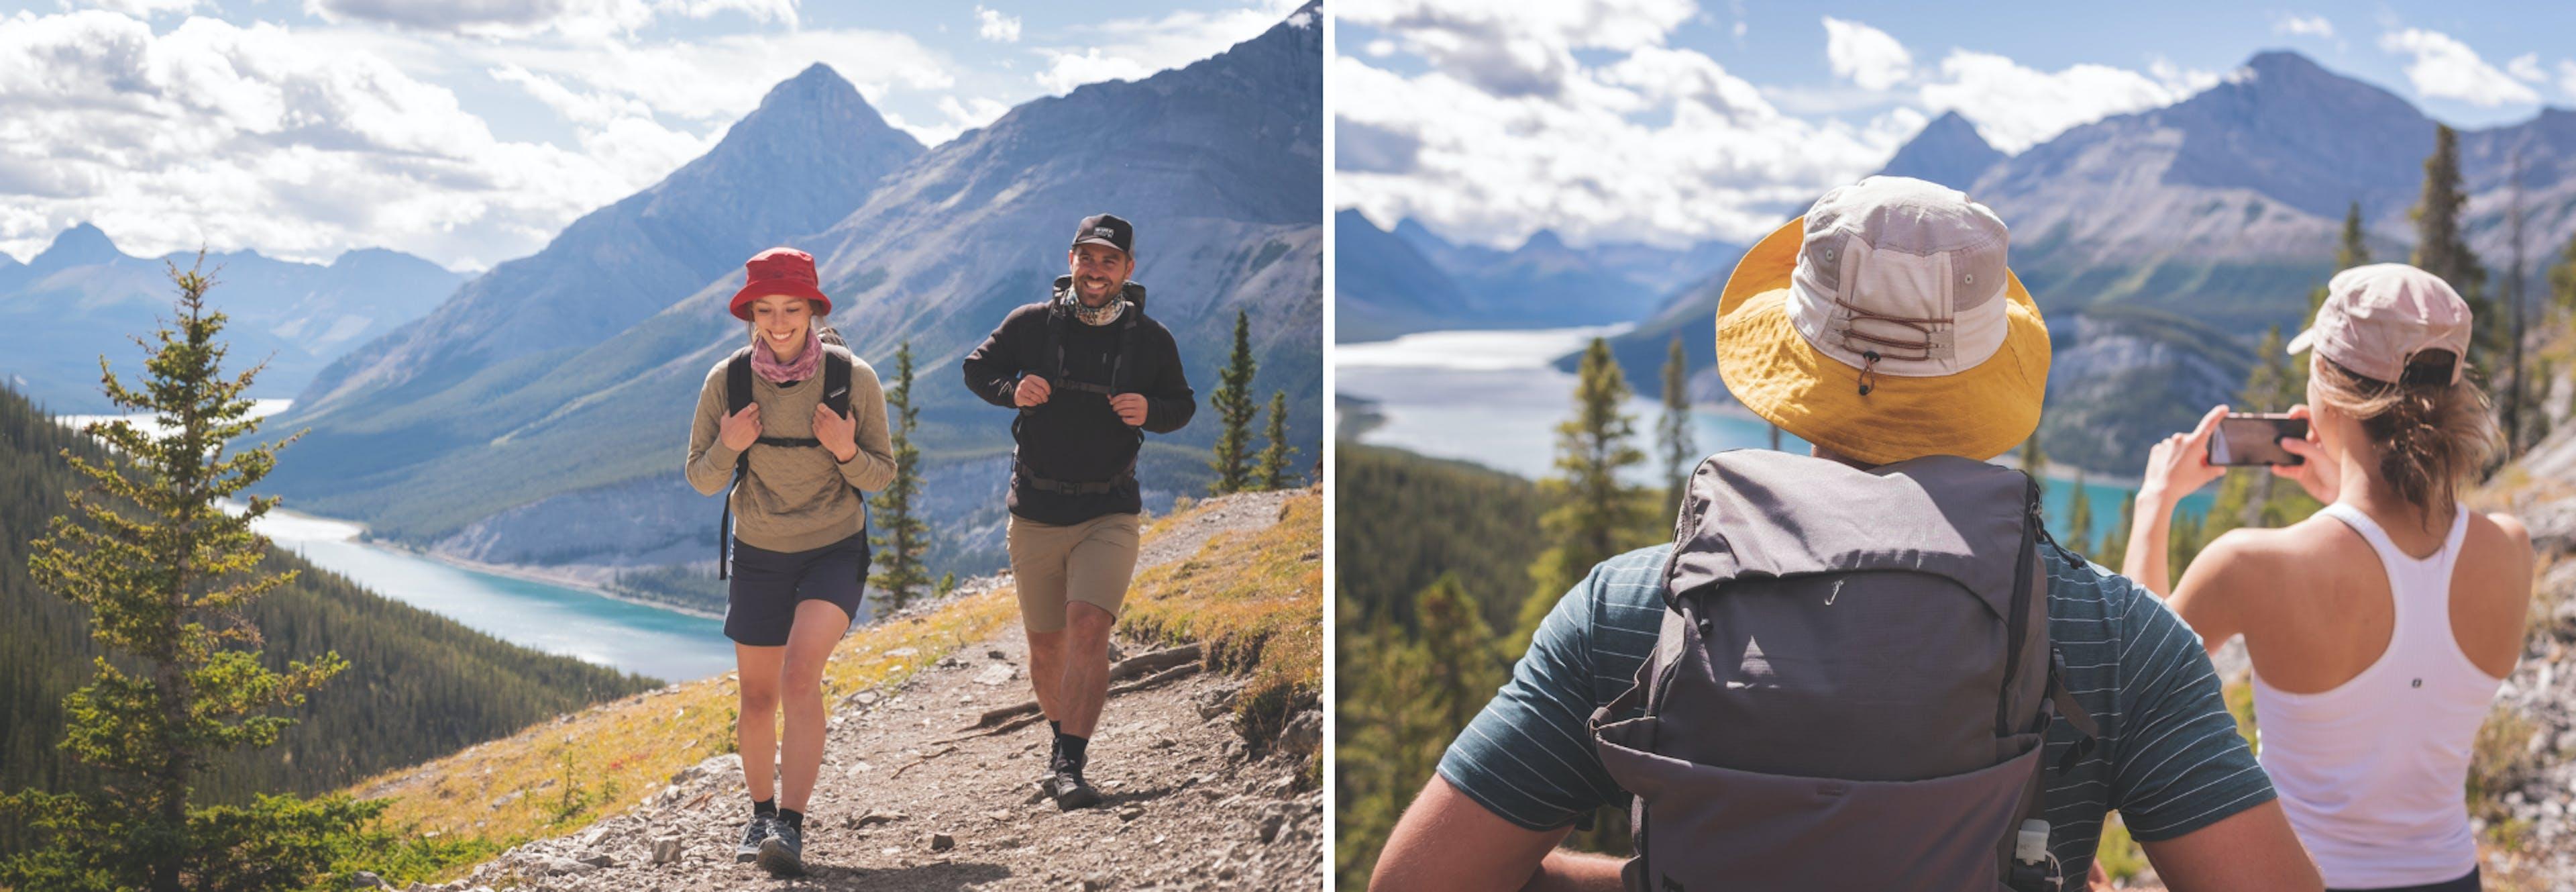 Buff Onlineshop - Wandern Accessoires für Kopf und Hals